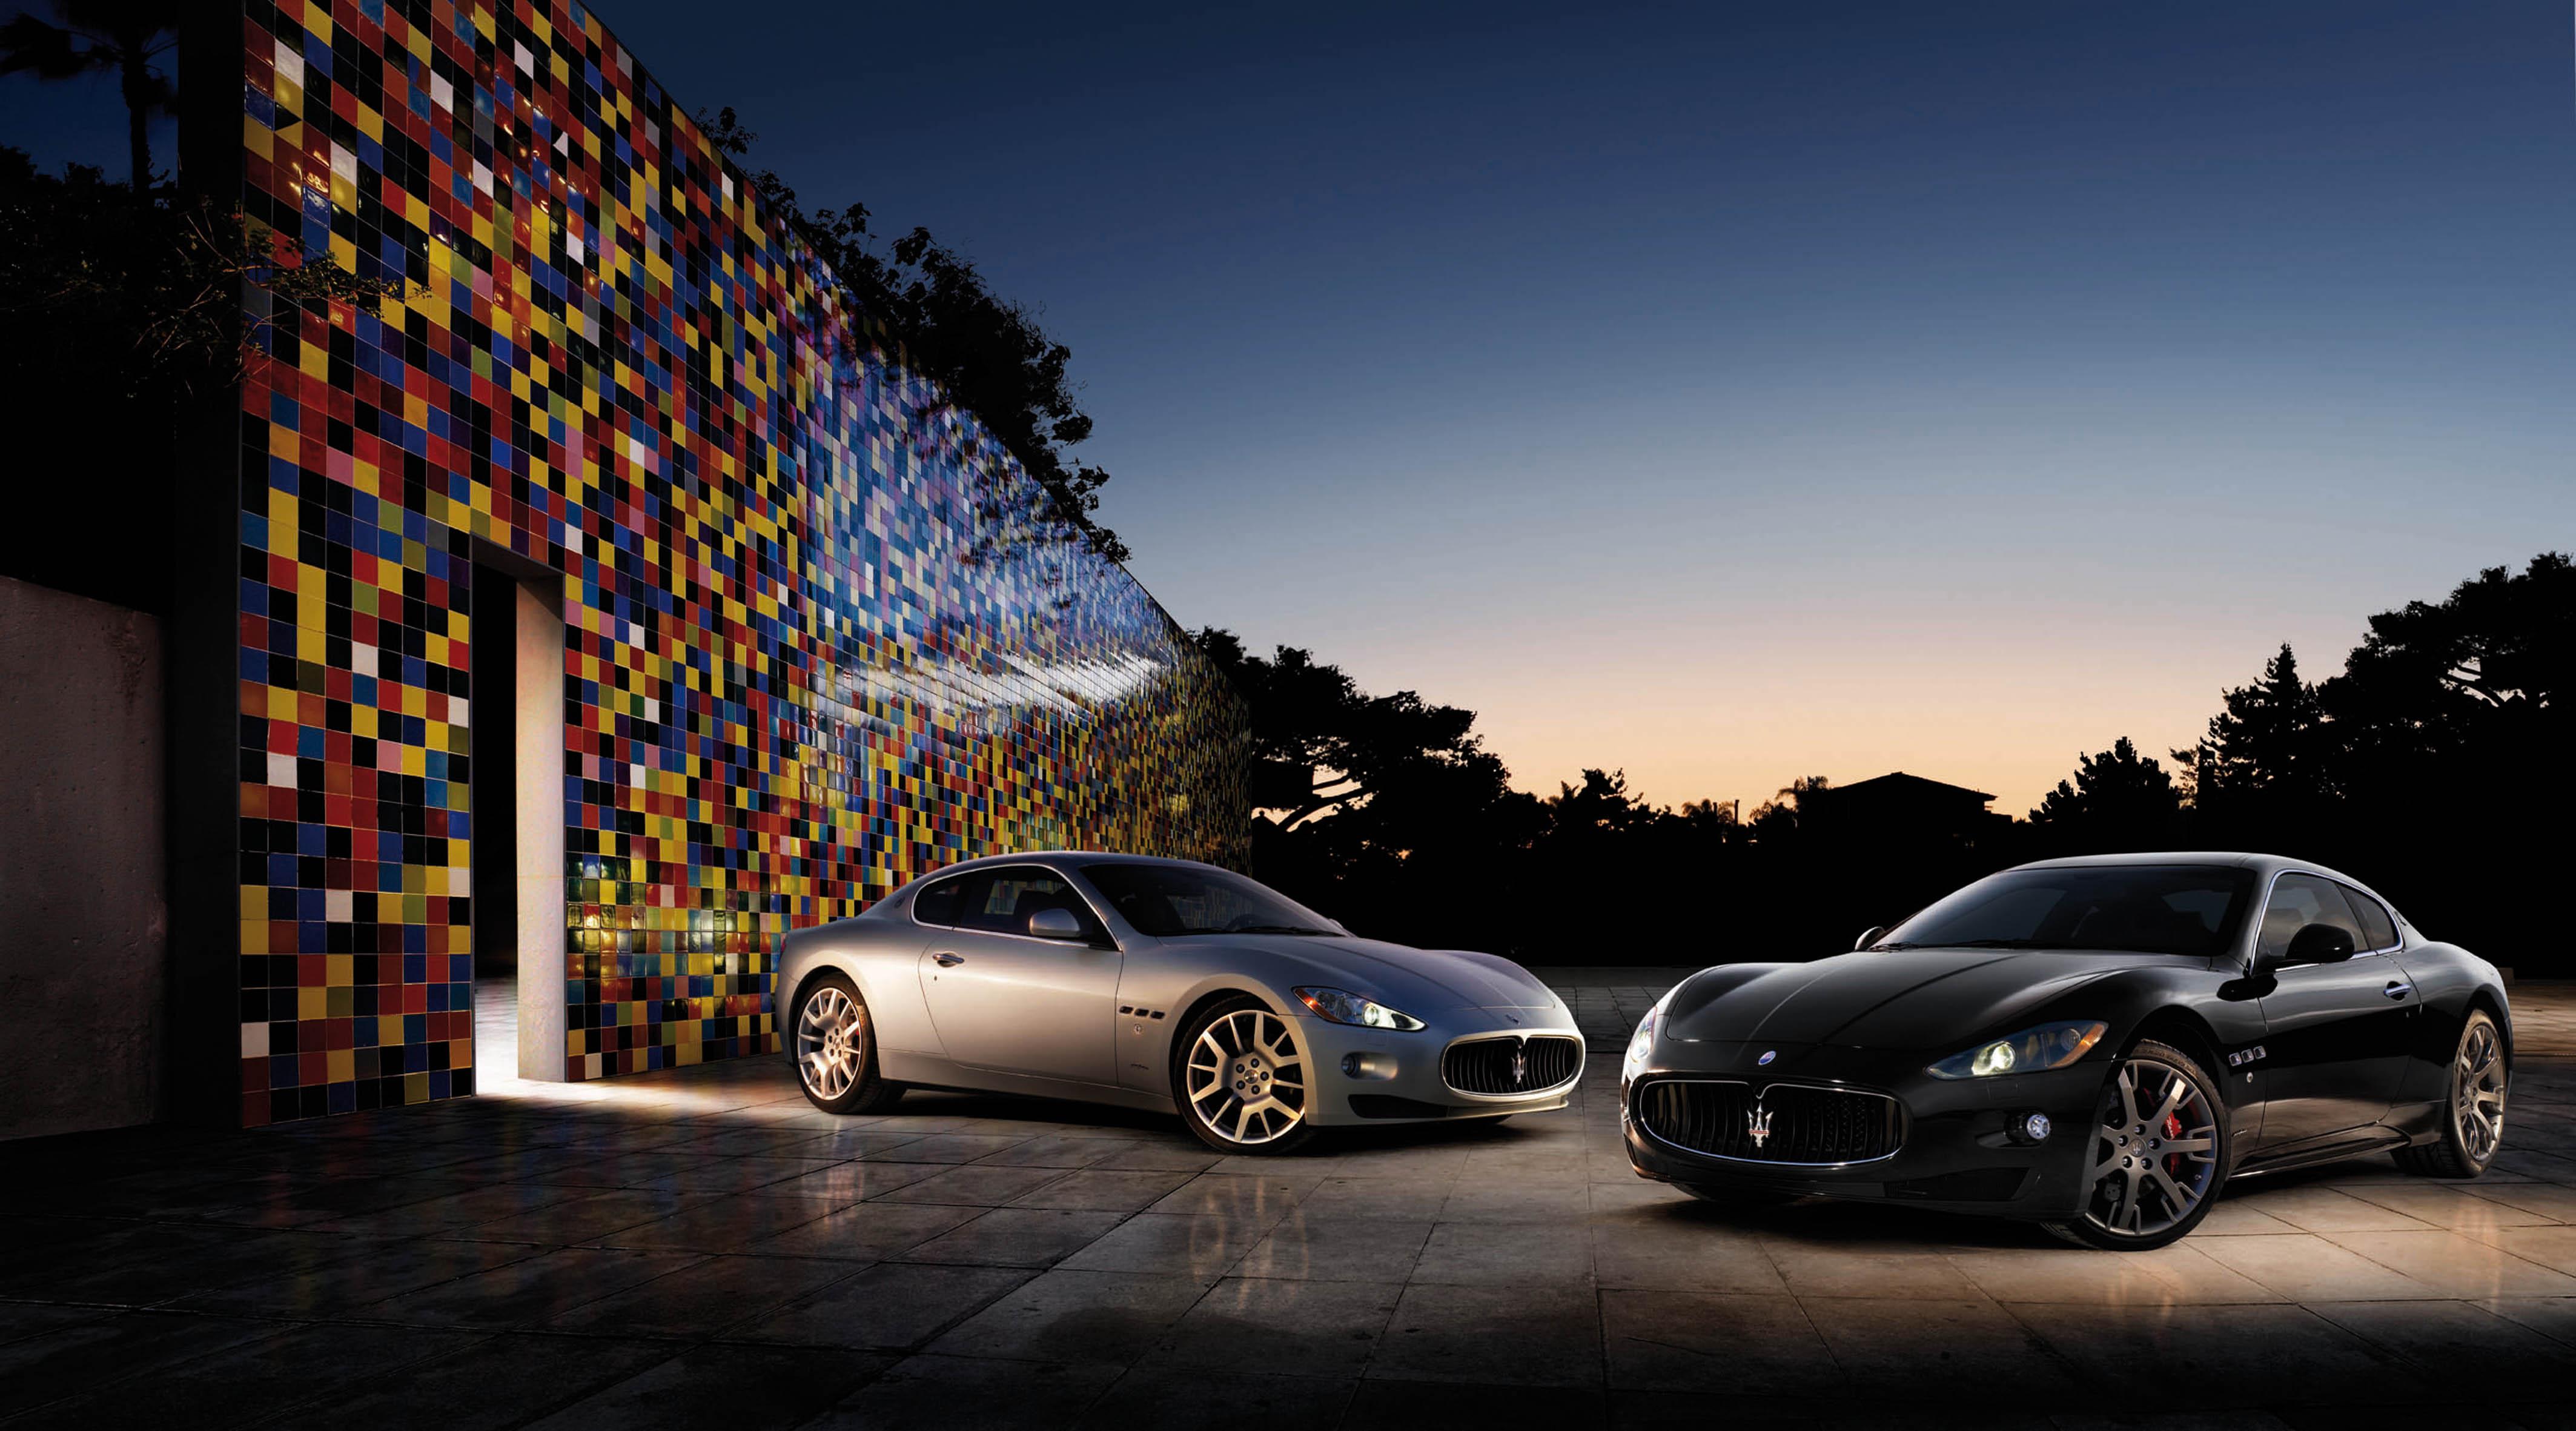 Auto Wallpapers Maserati Gran Turismo